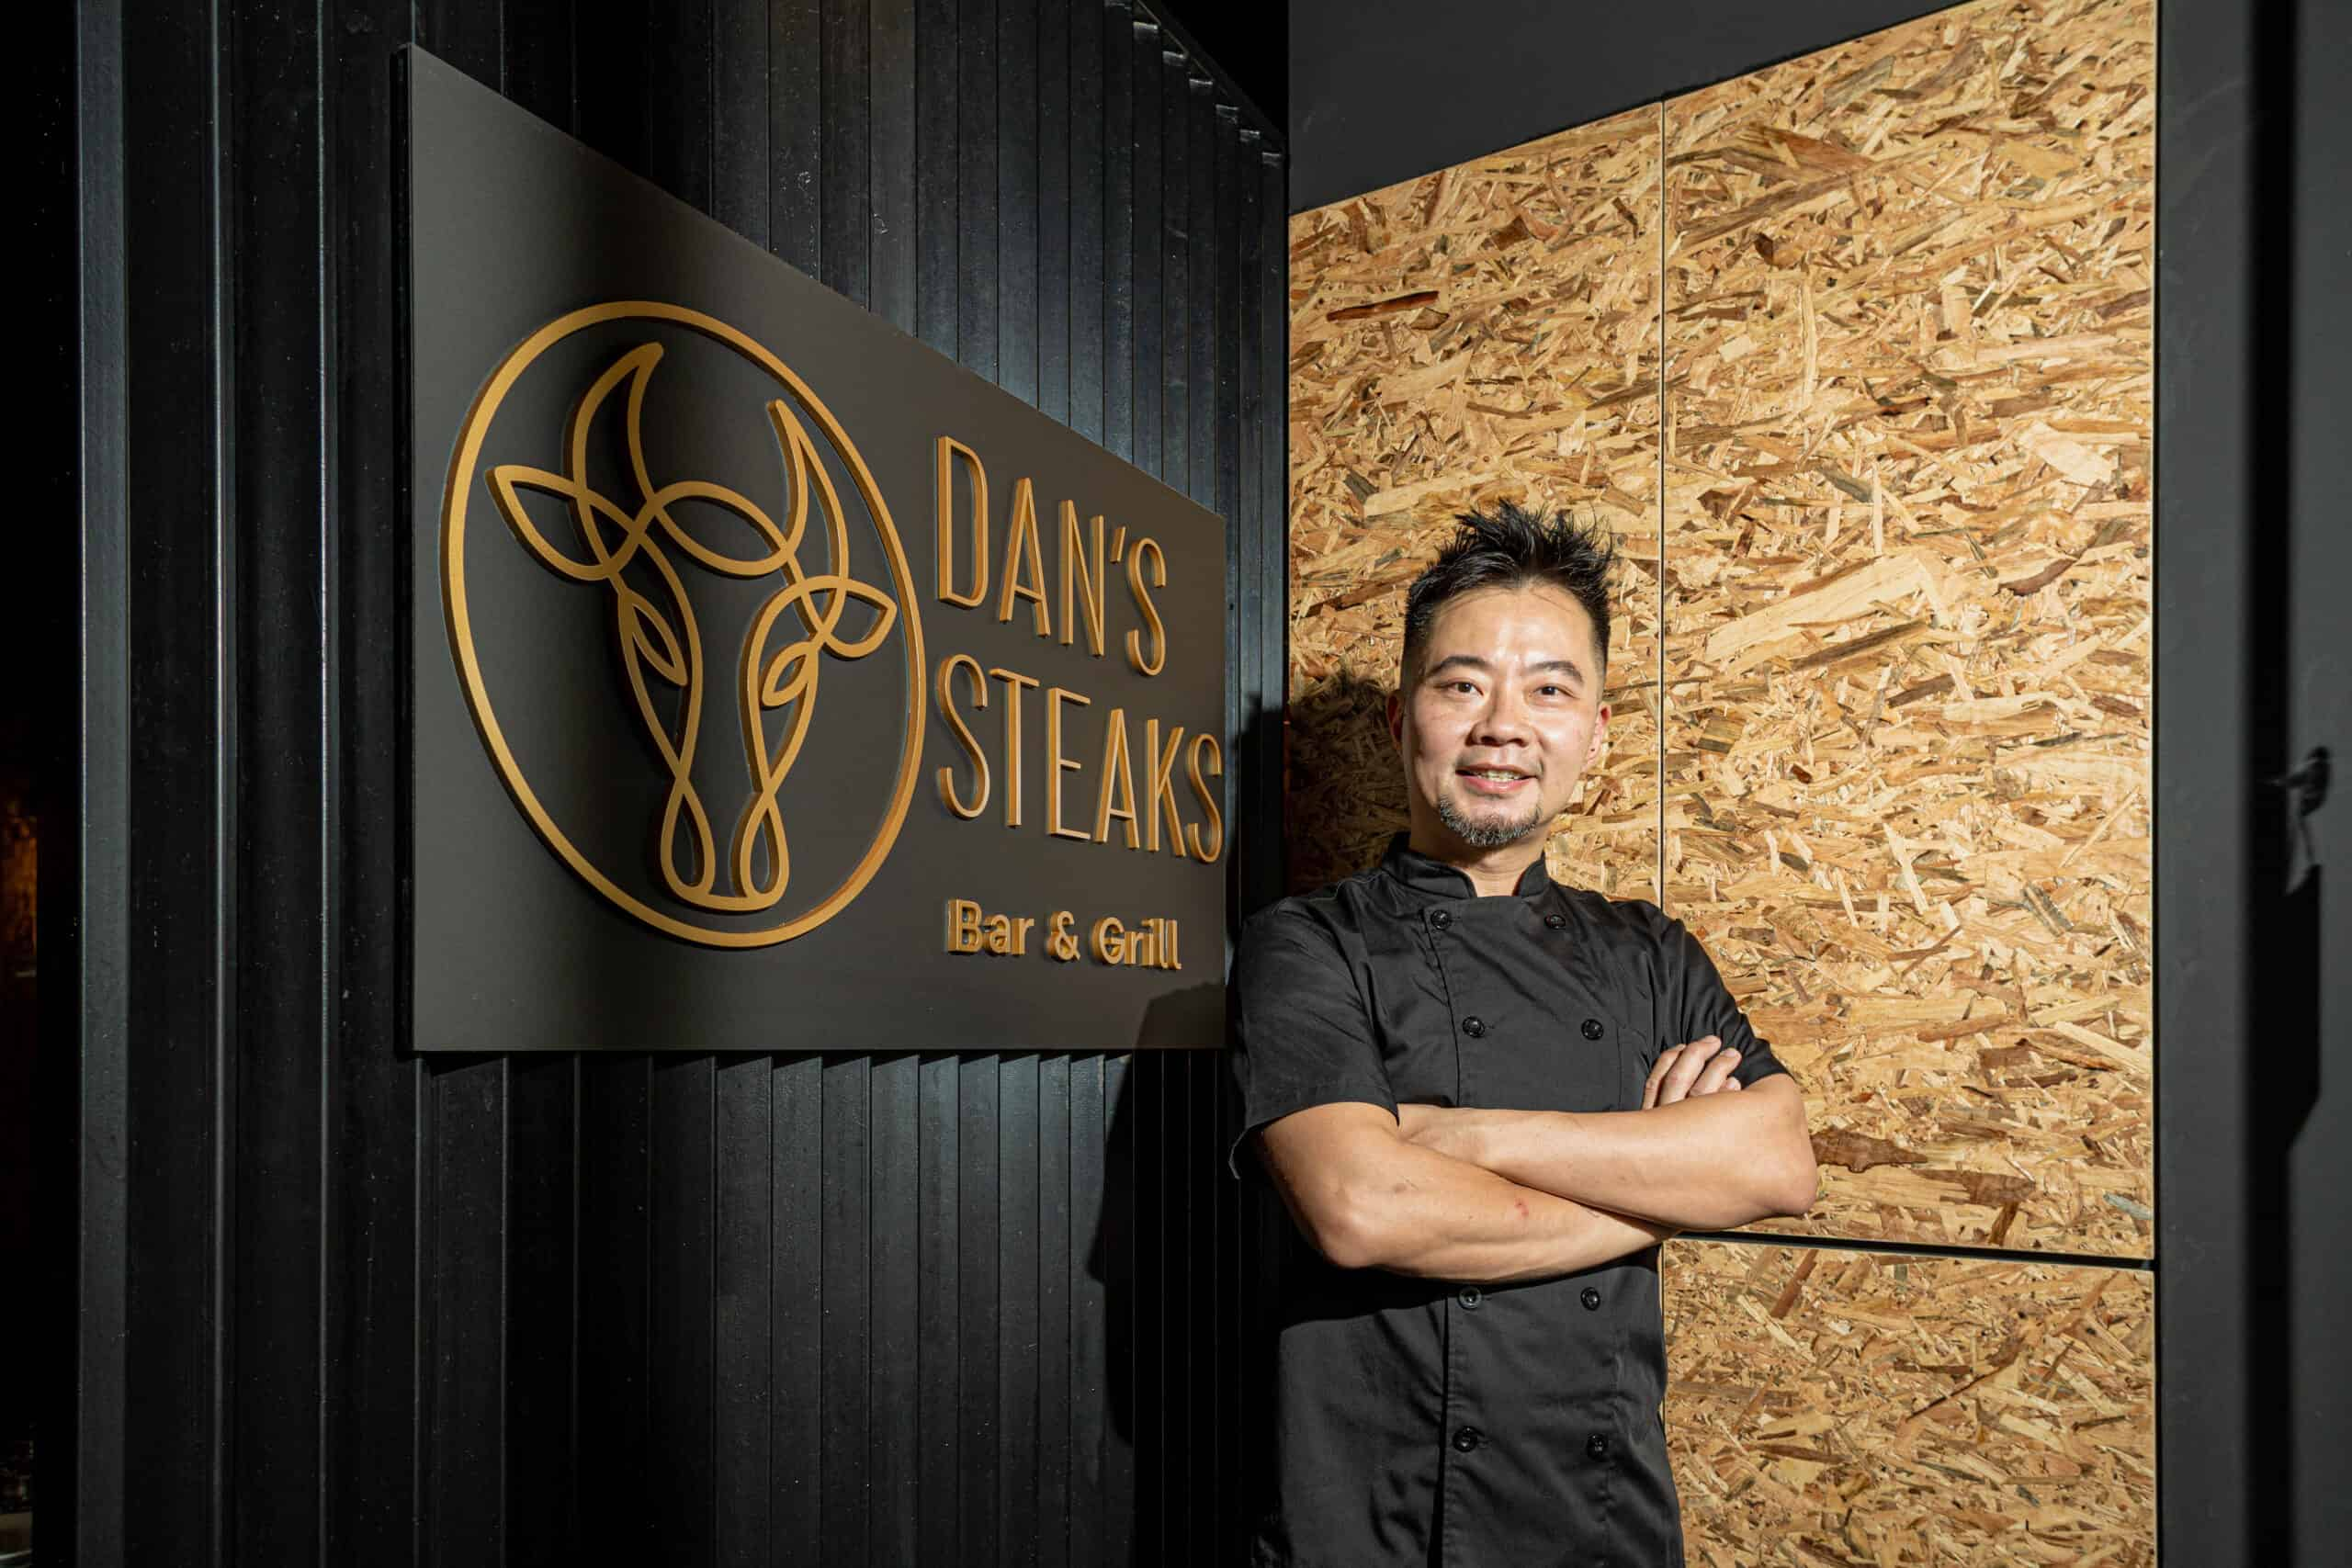 About Dan's Steak